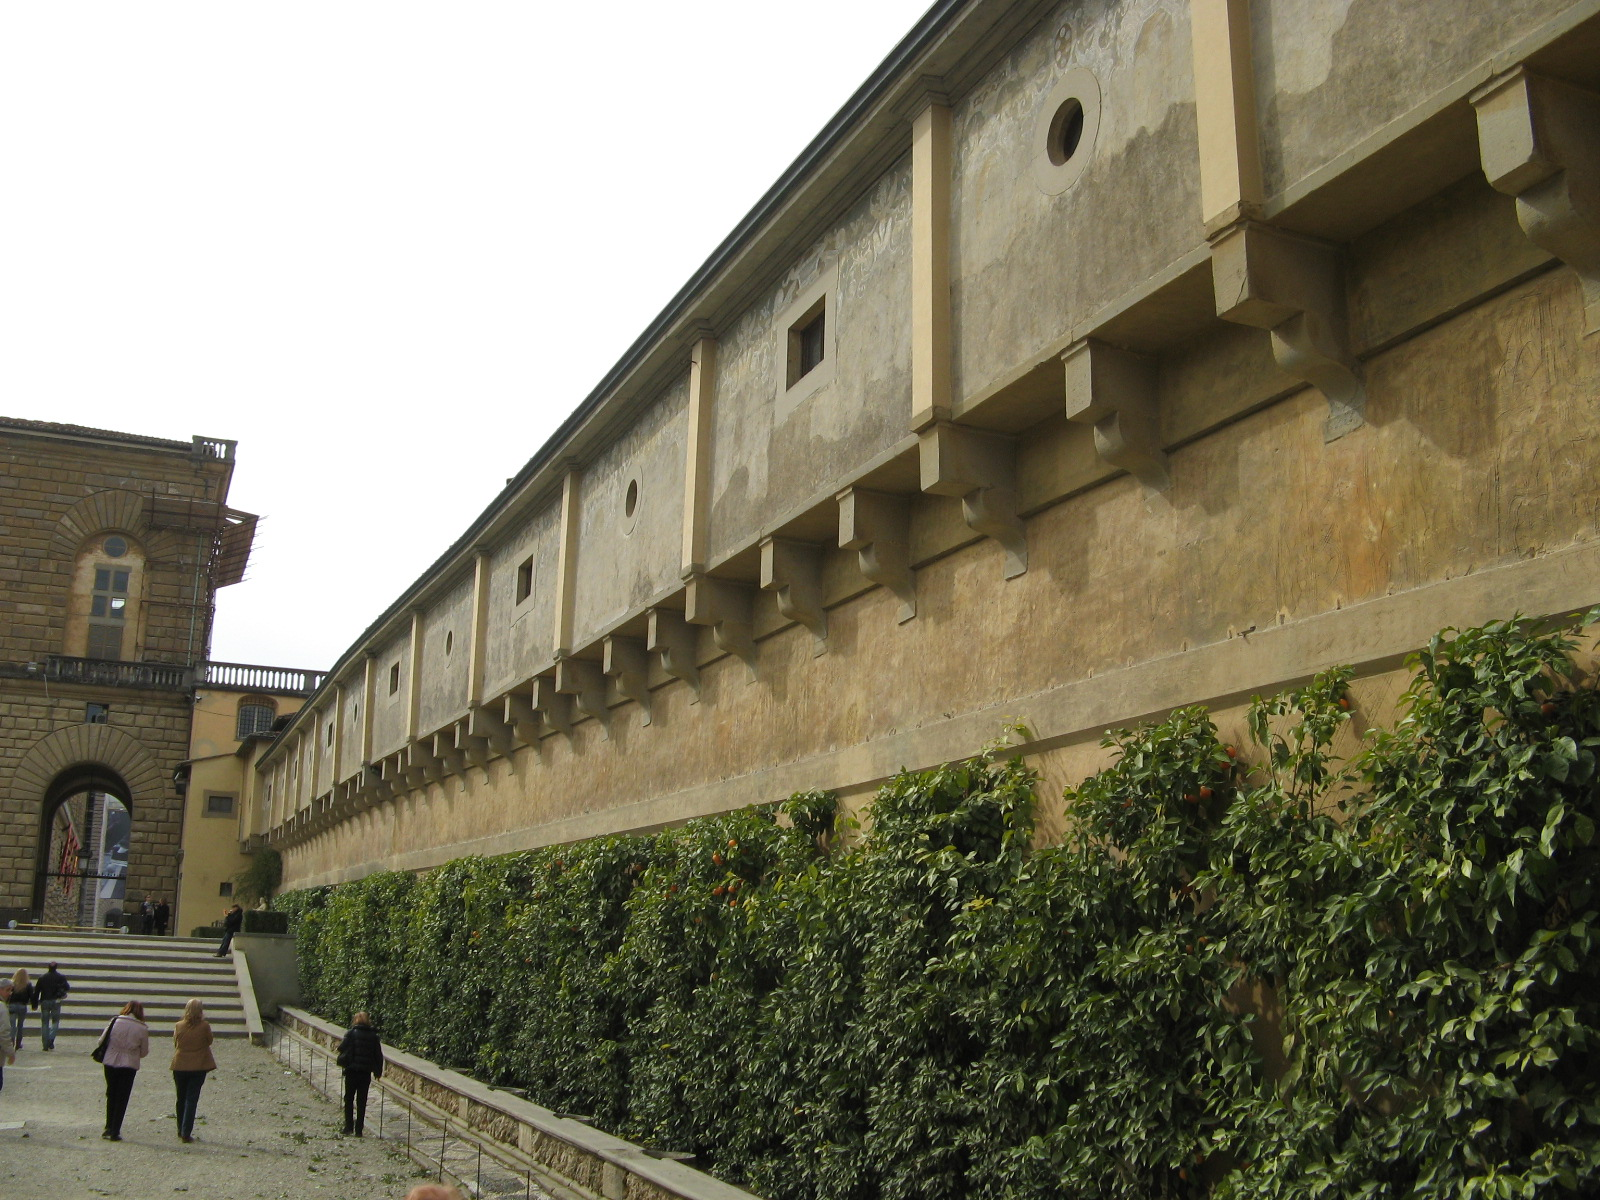 Lungo Il Corridoio In Inglese : Corridoio vasariano firenze storia ed introduzione al corridoio